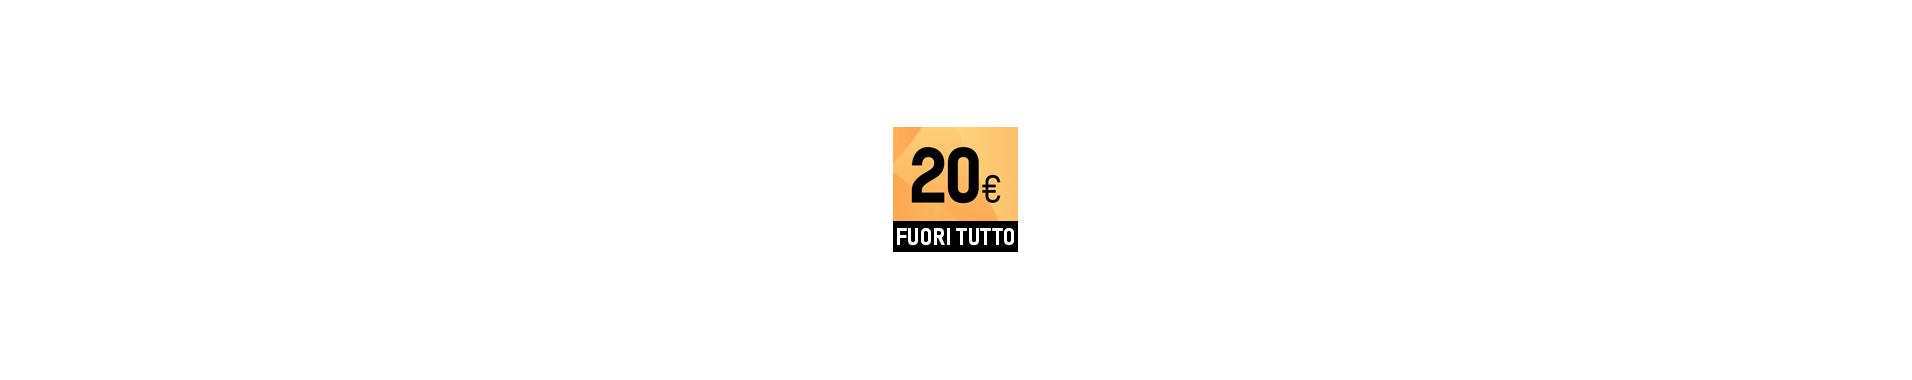 Fuori tutto Guanti da moto a 20 euro